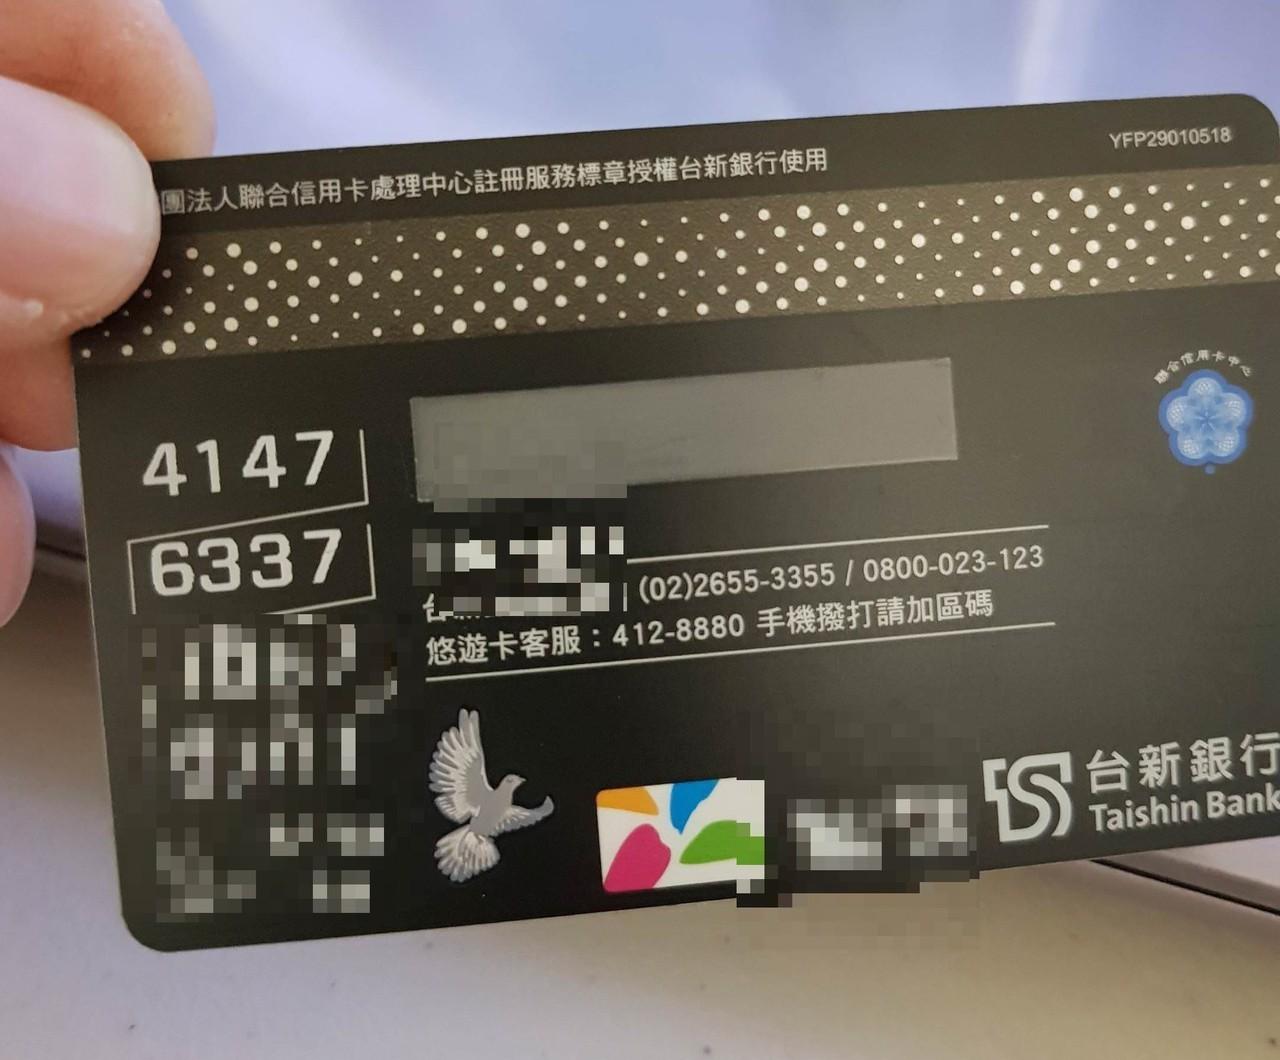 鄉民友情支援同種信用卡前8碼。 圖片來源/PTT